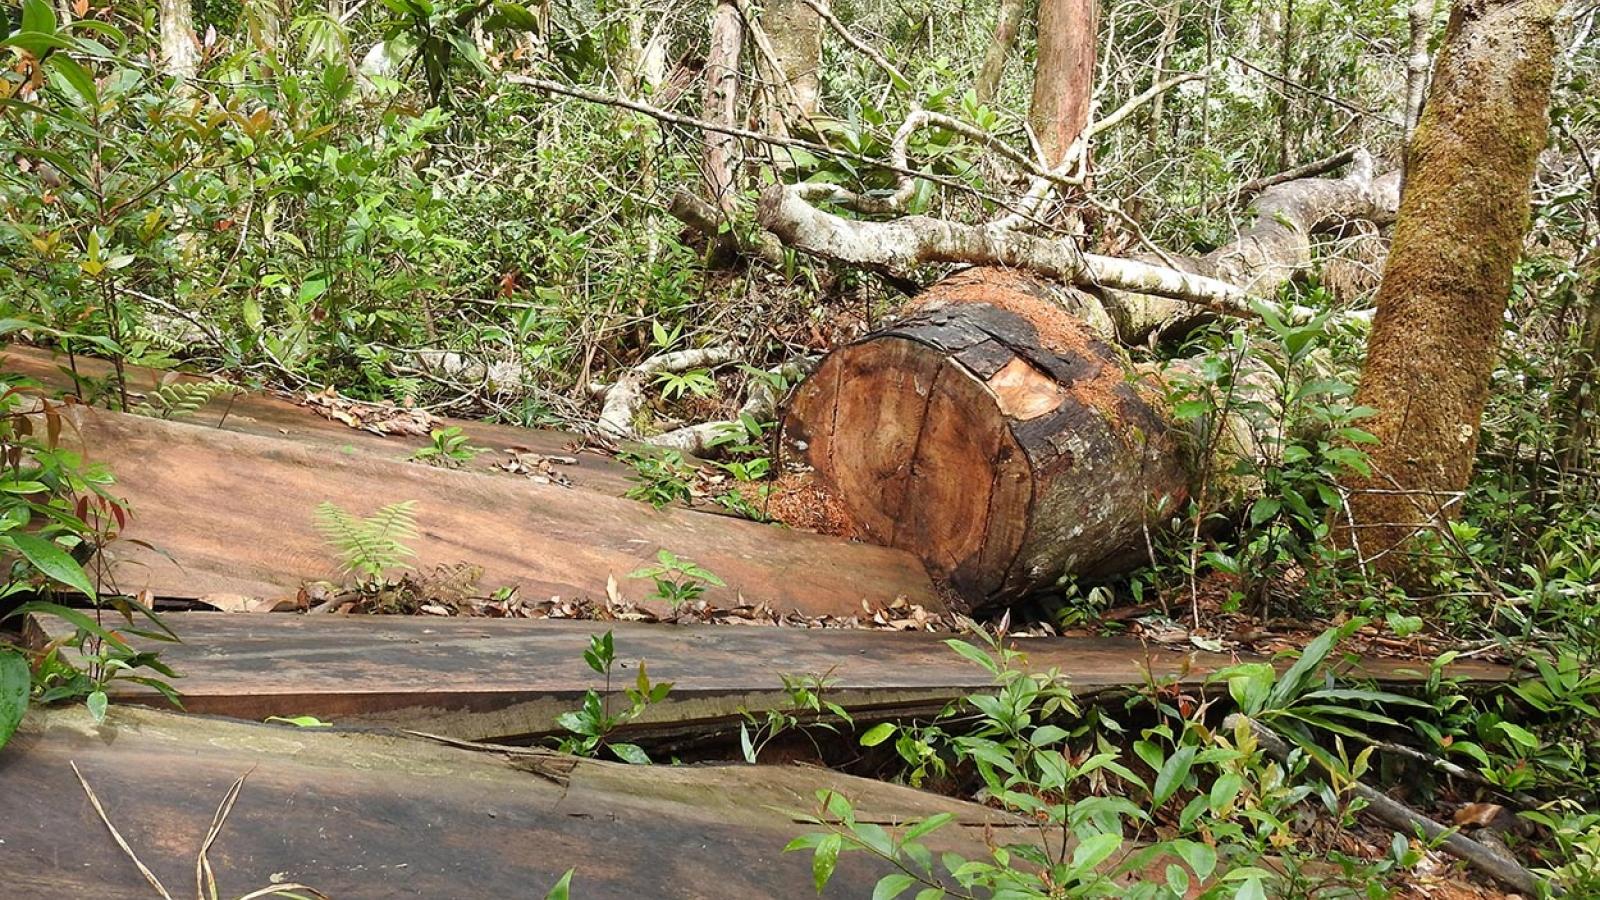 Kon Tum khám nghiệm hiện trường vụ khai thác trên 79m3 gỗ